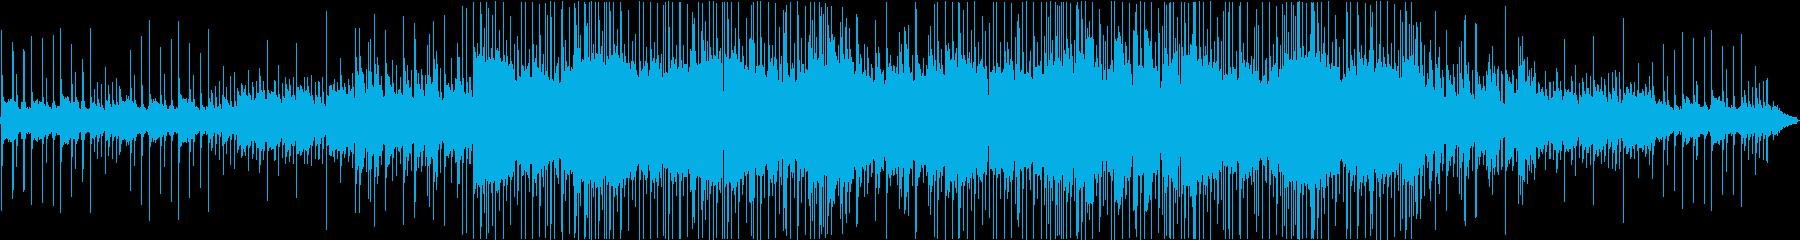 虫の声と切ないピアノのヒップホップ#01の再生済みの波形